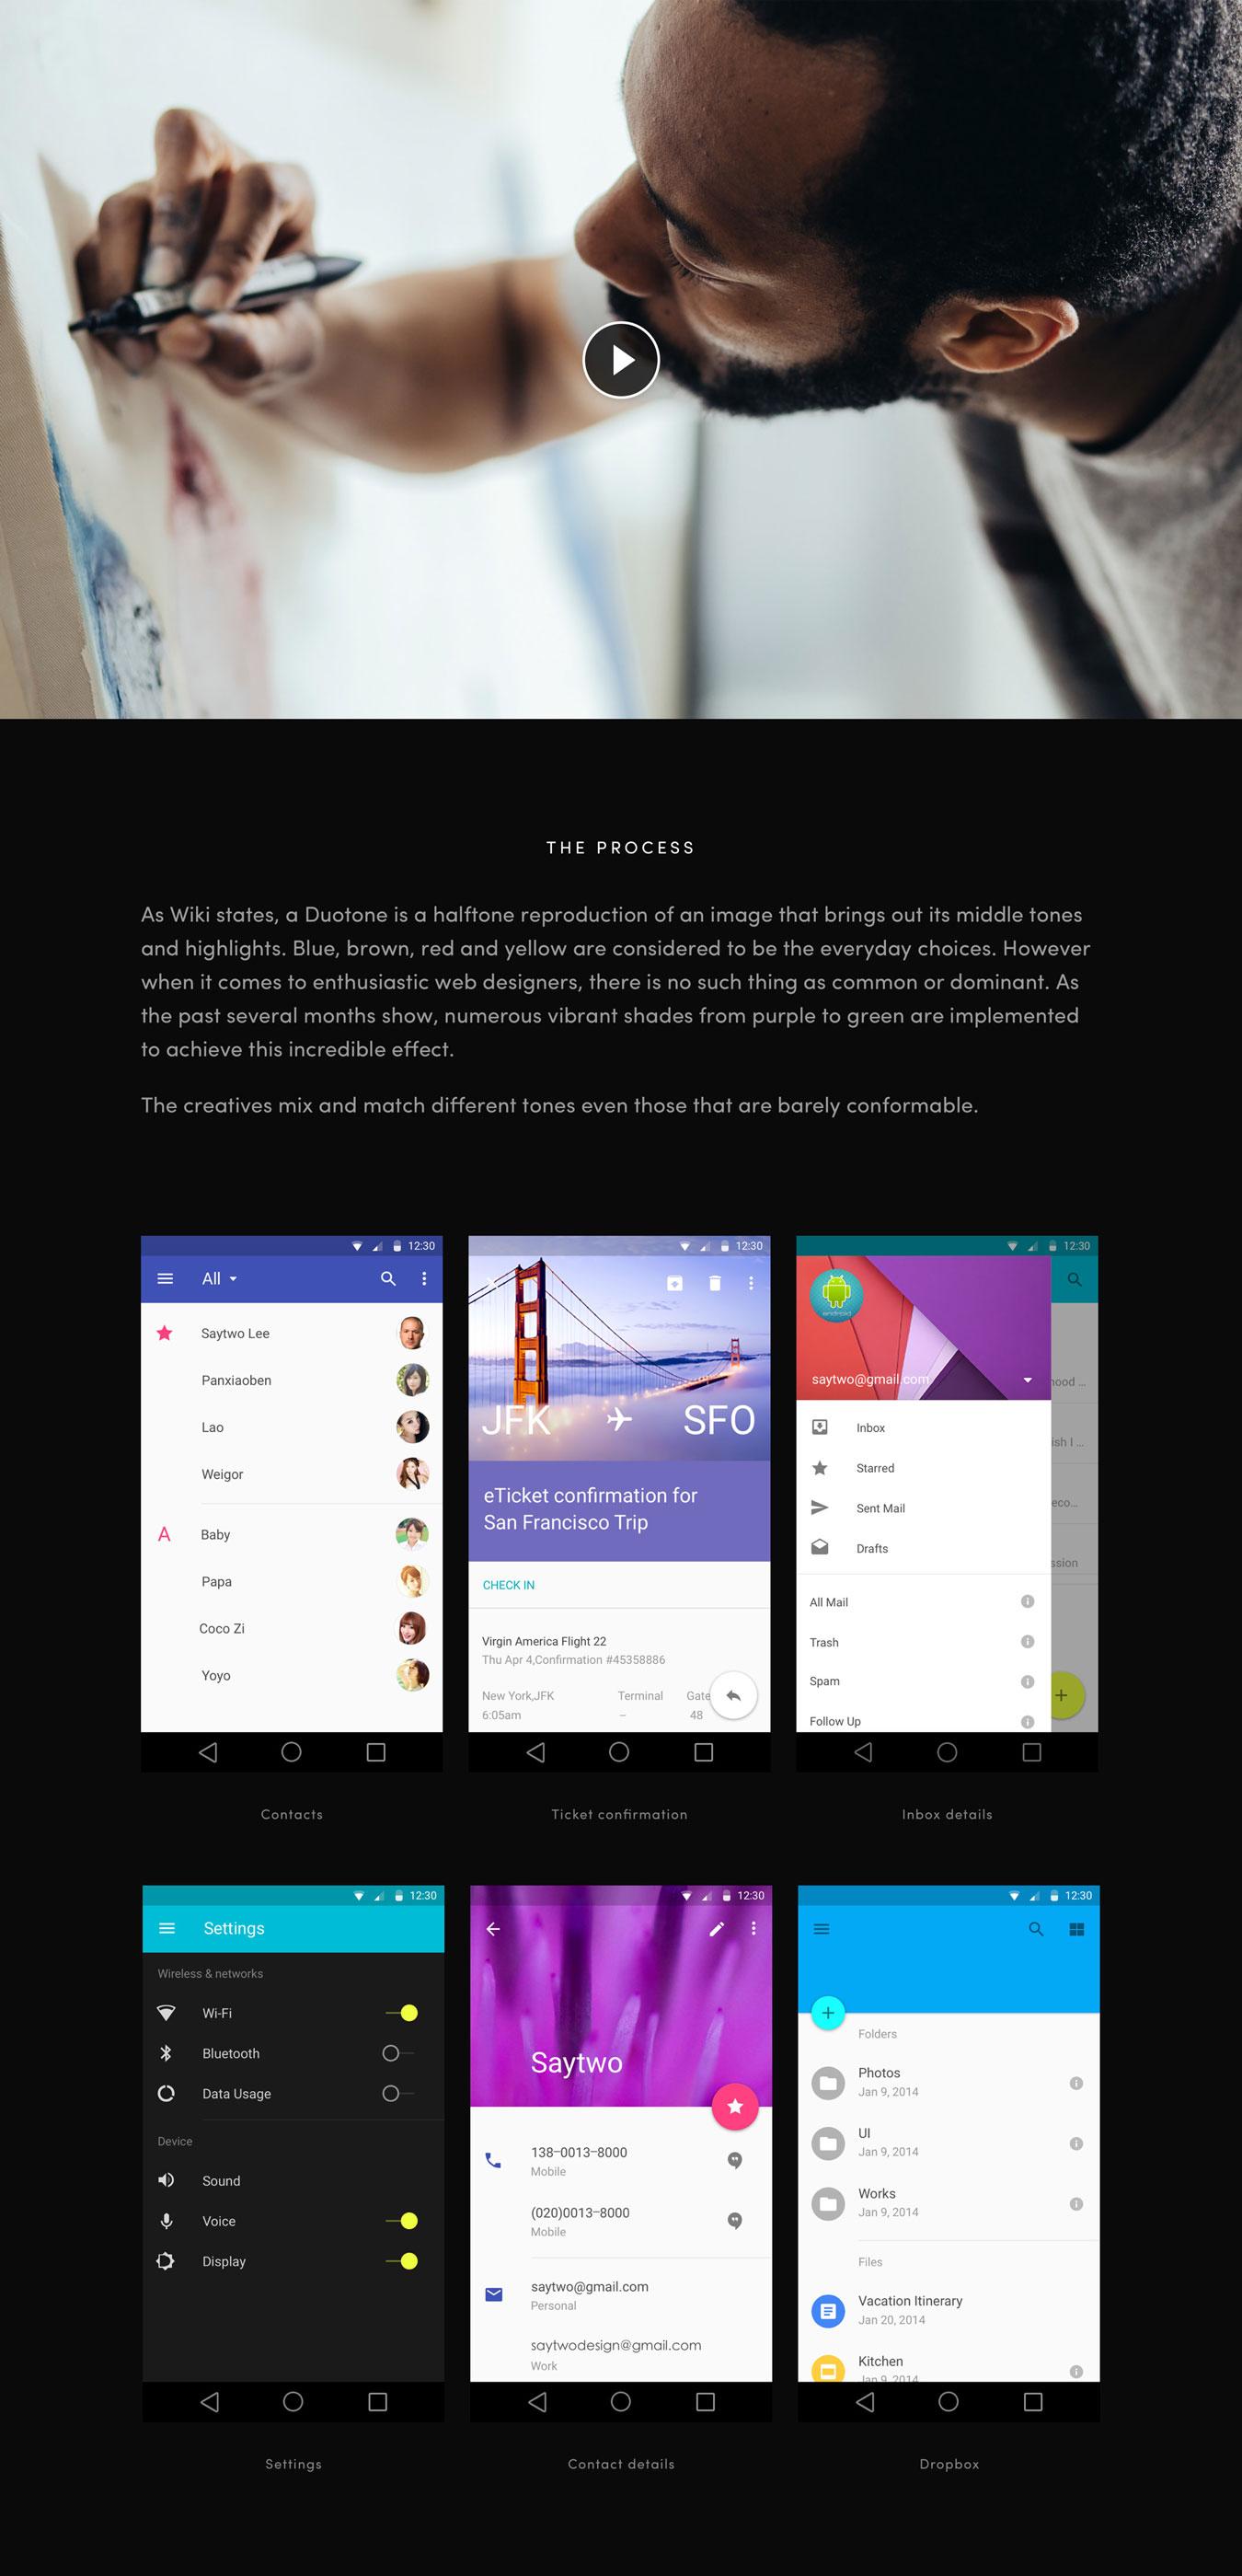 专业设计的讲座设计作品网站页面模板 Mirror Template插图(5)